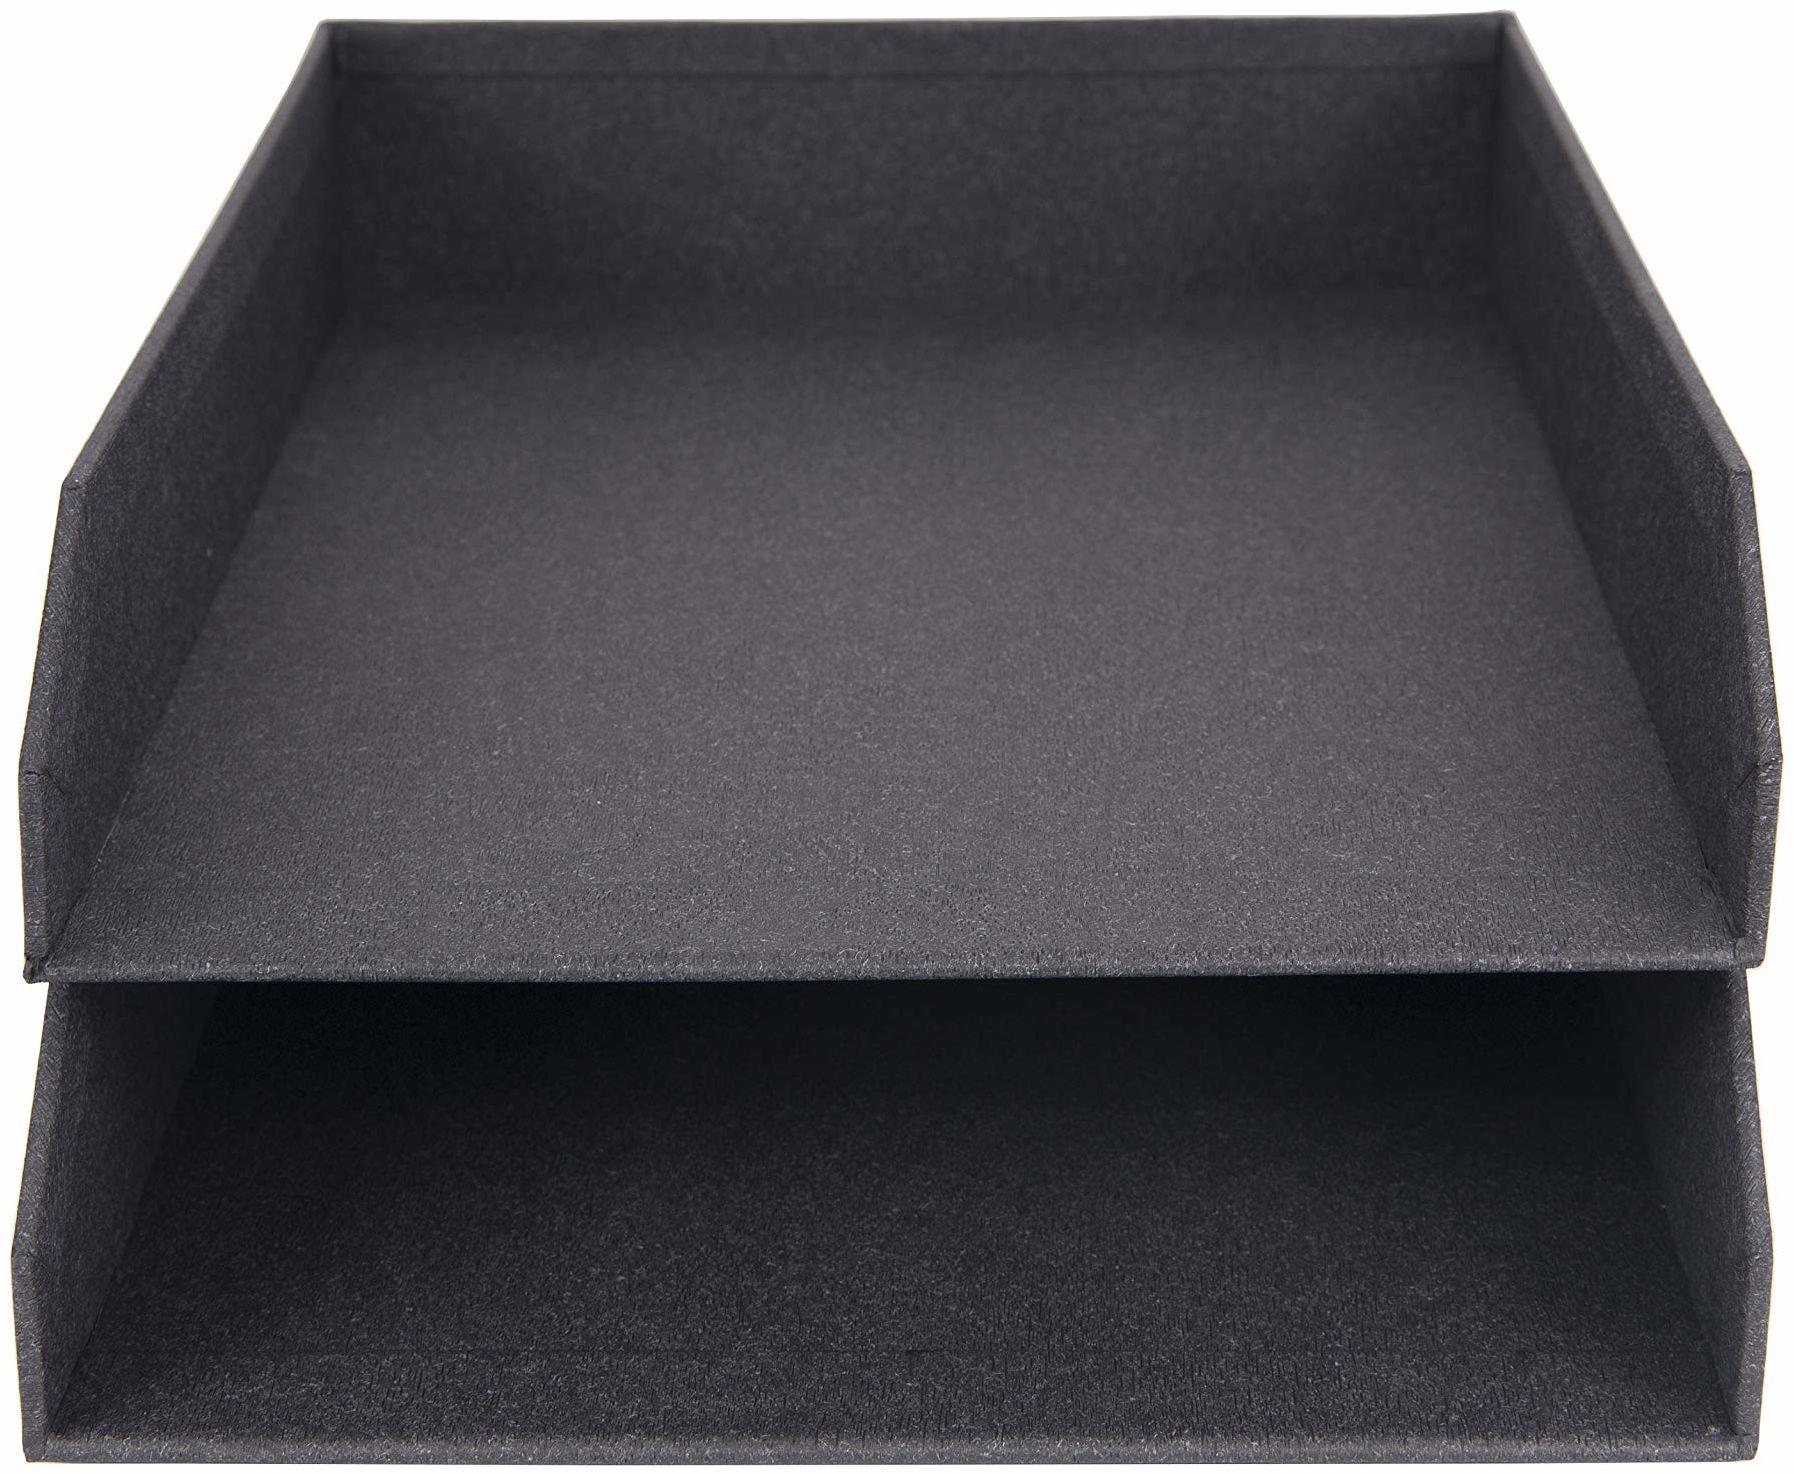 Bigso Box of Sweden Zestaw 2 półek na listy na biurko  możliwość układania w stos półek na listy, dokumenty itd.  system porządkowania z płyty pilśniowej o wyglądzie lnu  czarny